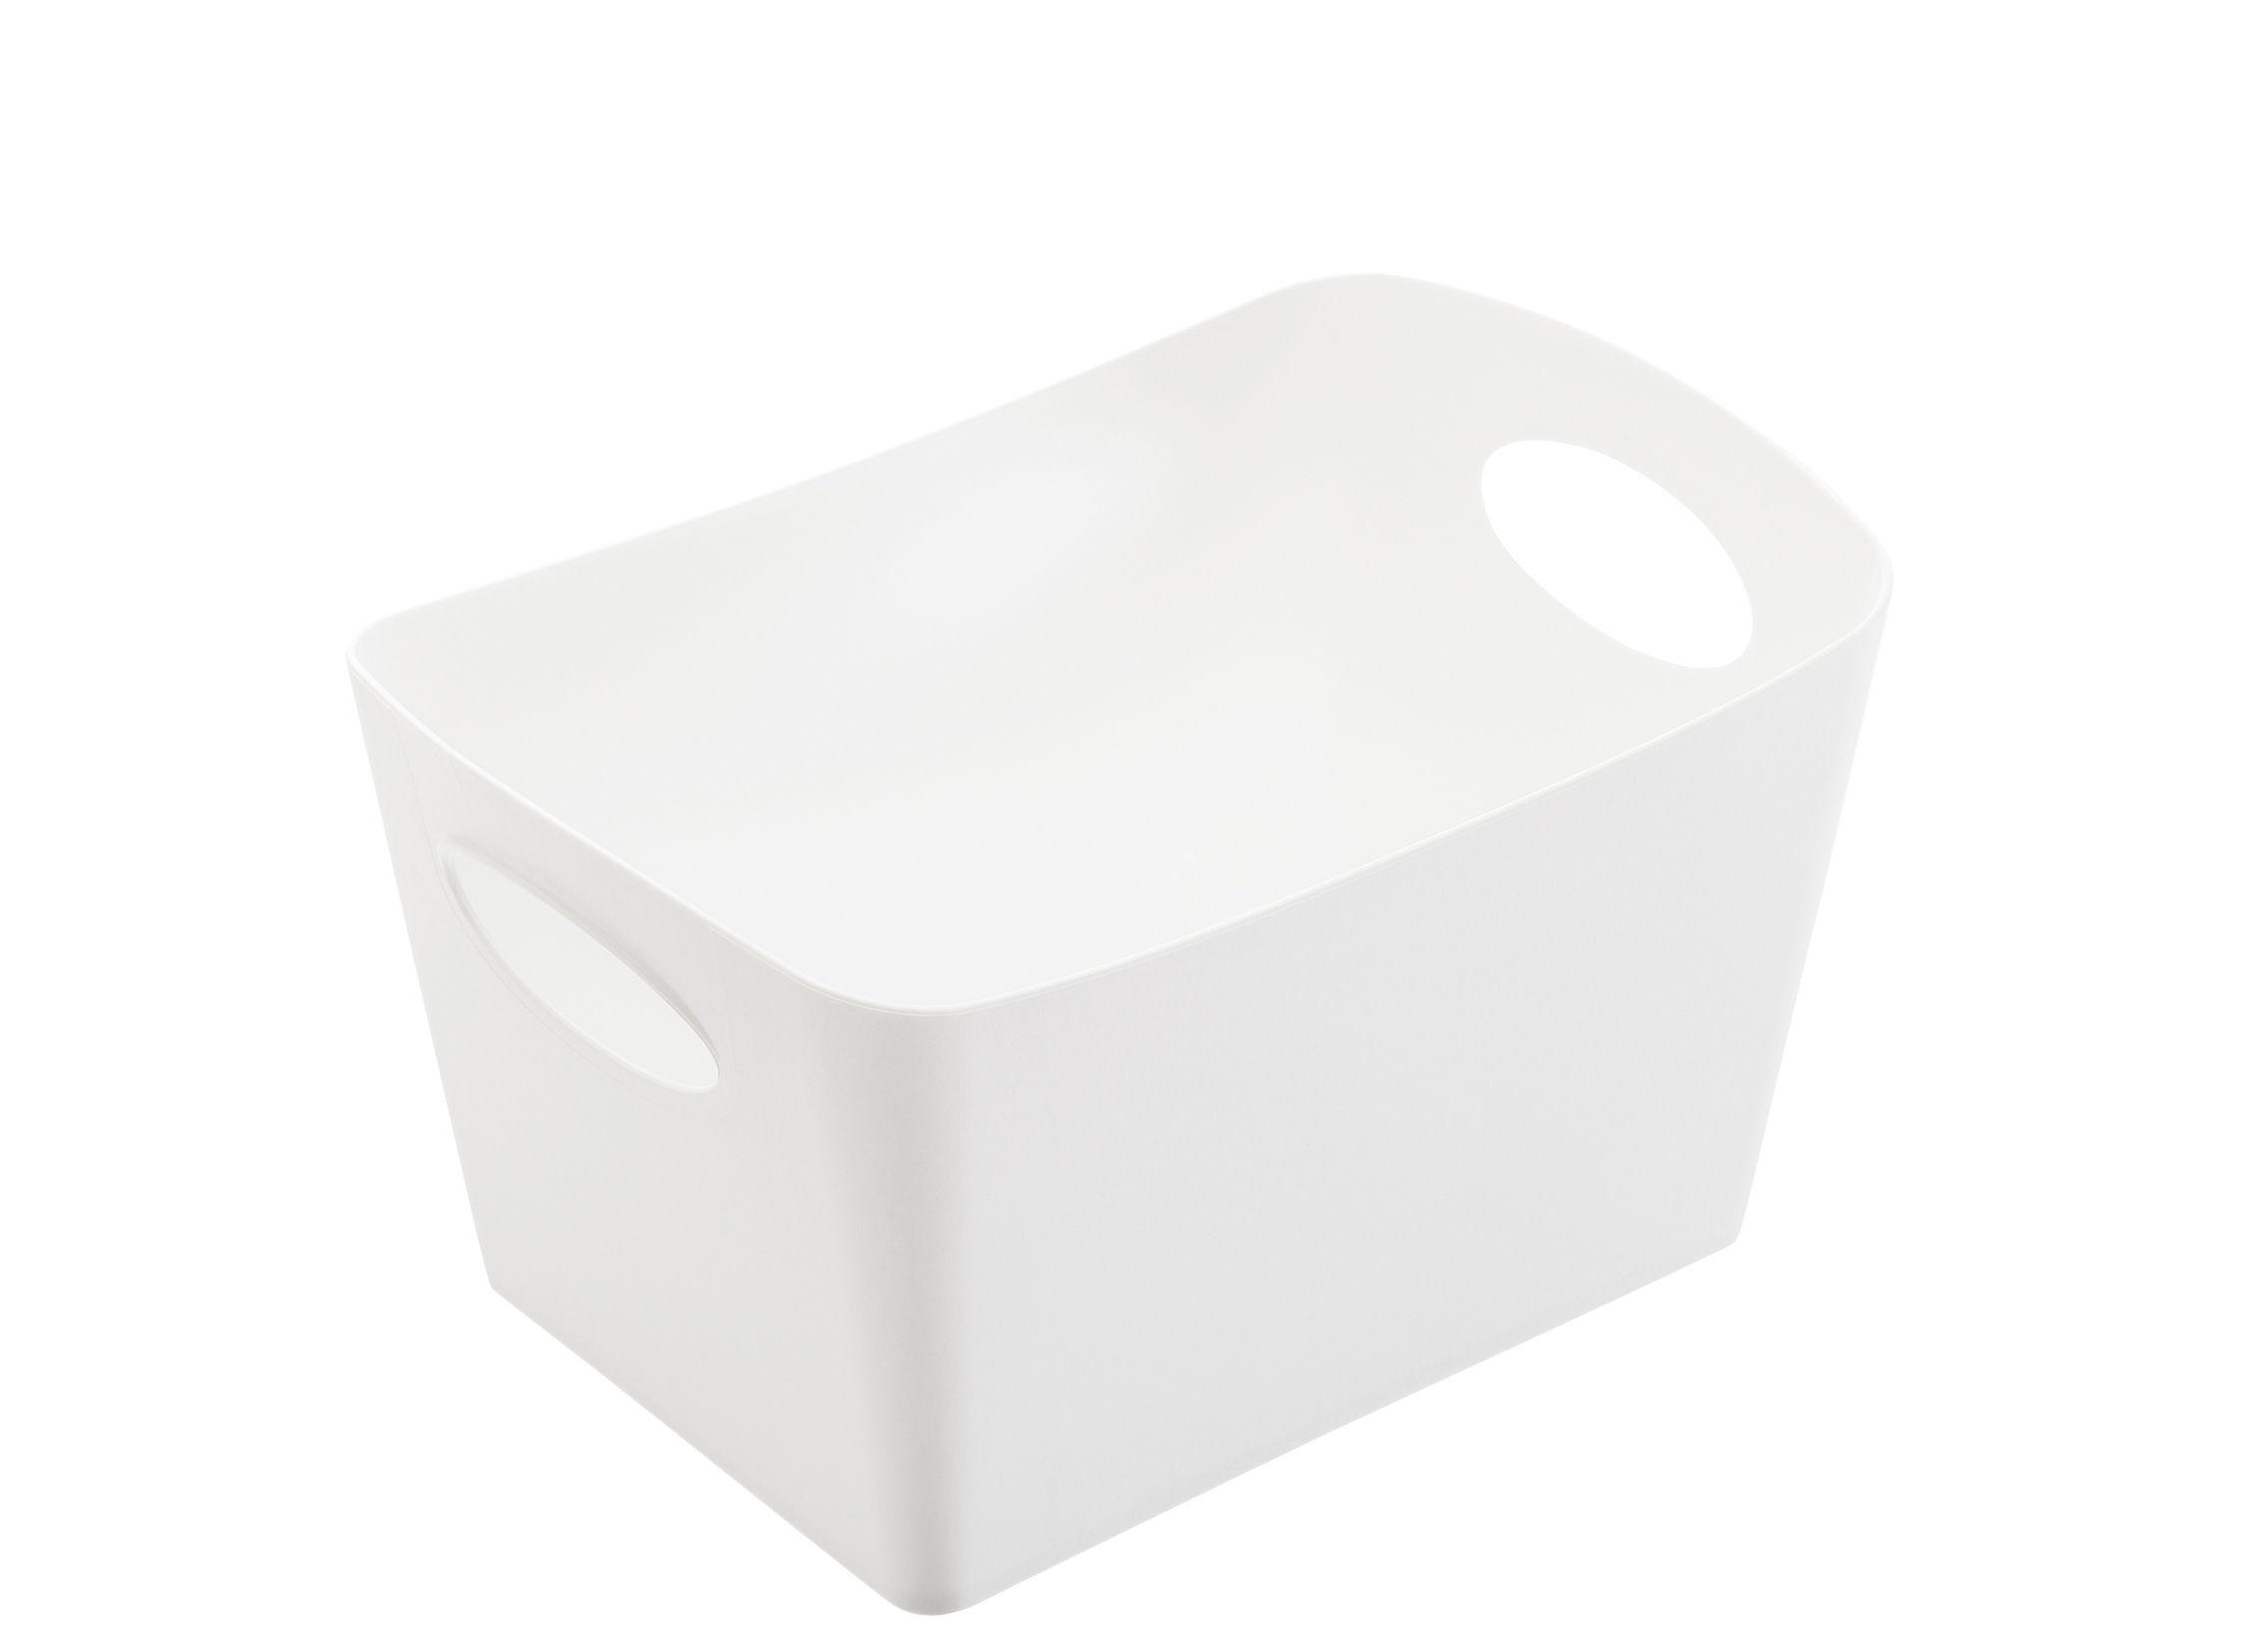 Déco - Paniers et petits rangements - Panier Boxxxx S / 1 L - Koziol - Blanc opaque - Matière plastique